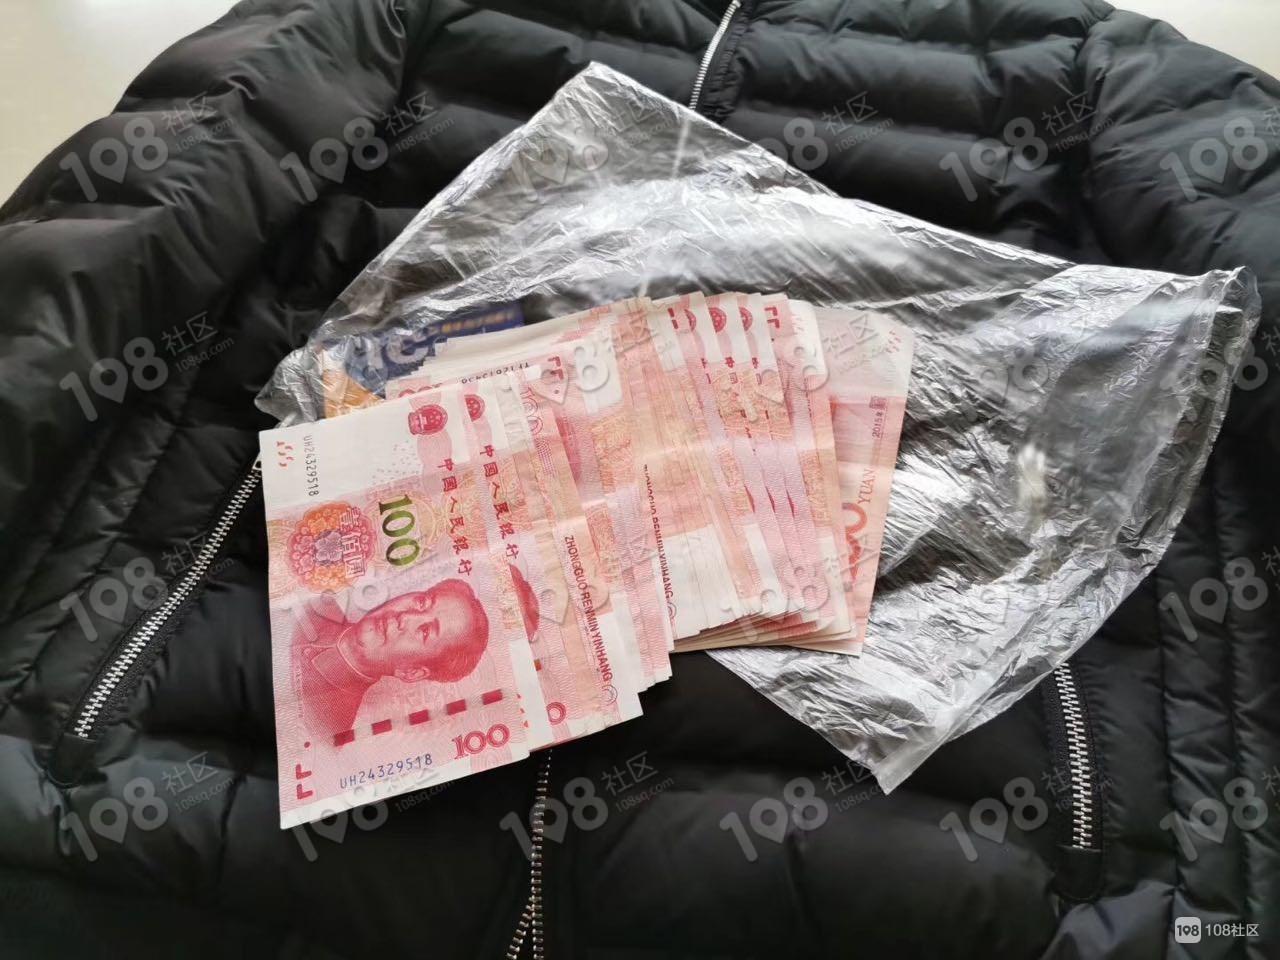 马大王这老板捡到30张红钞票!全在这黑色羽绒服里